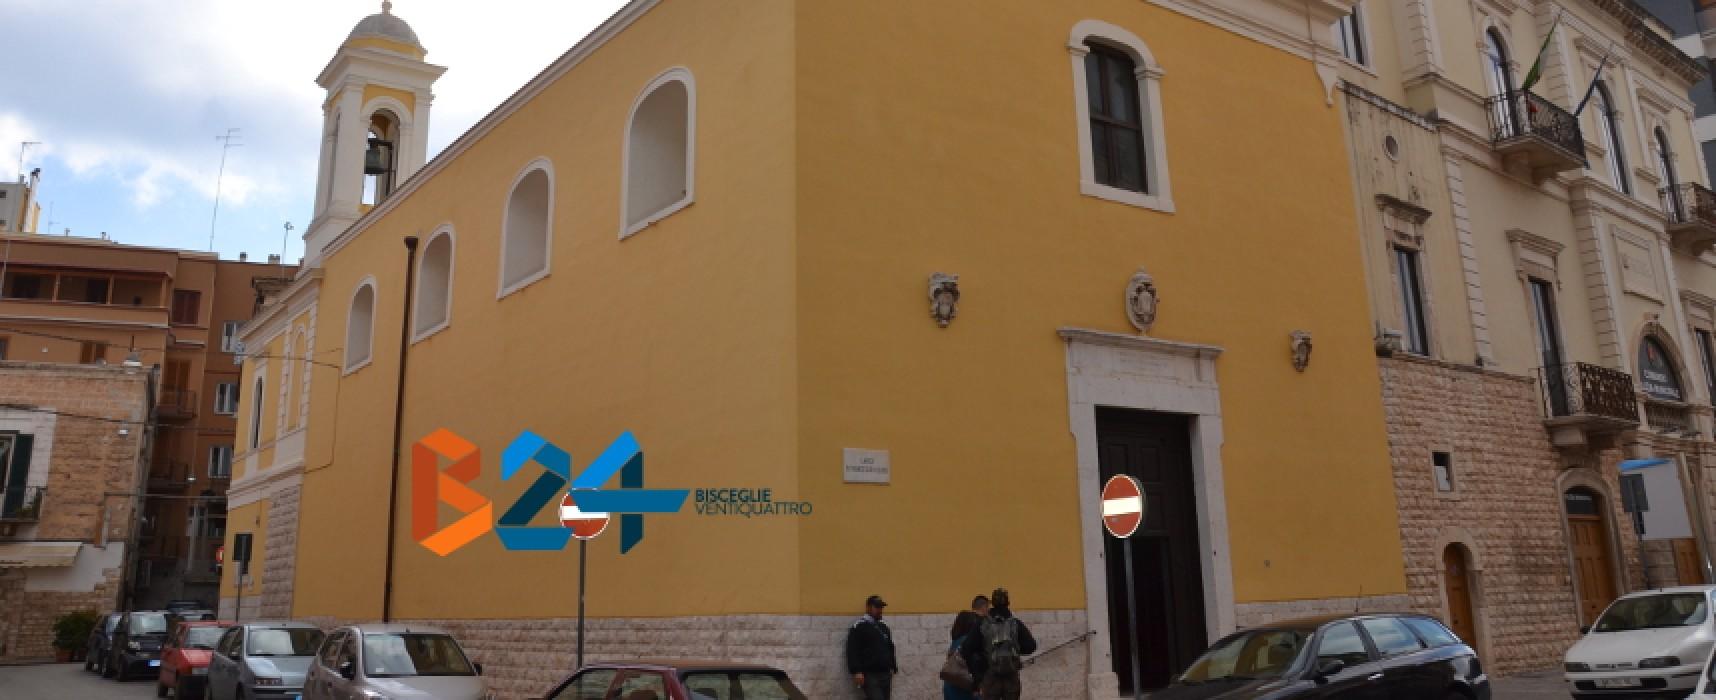 Nuove iniziative della parrocchia Madonna di Passavia per la raccolta fondi